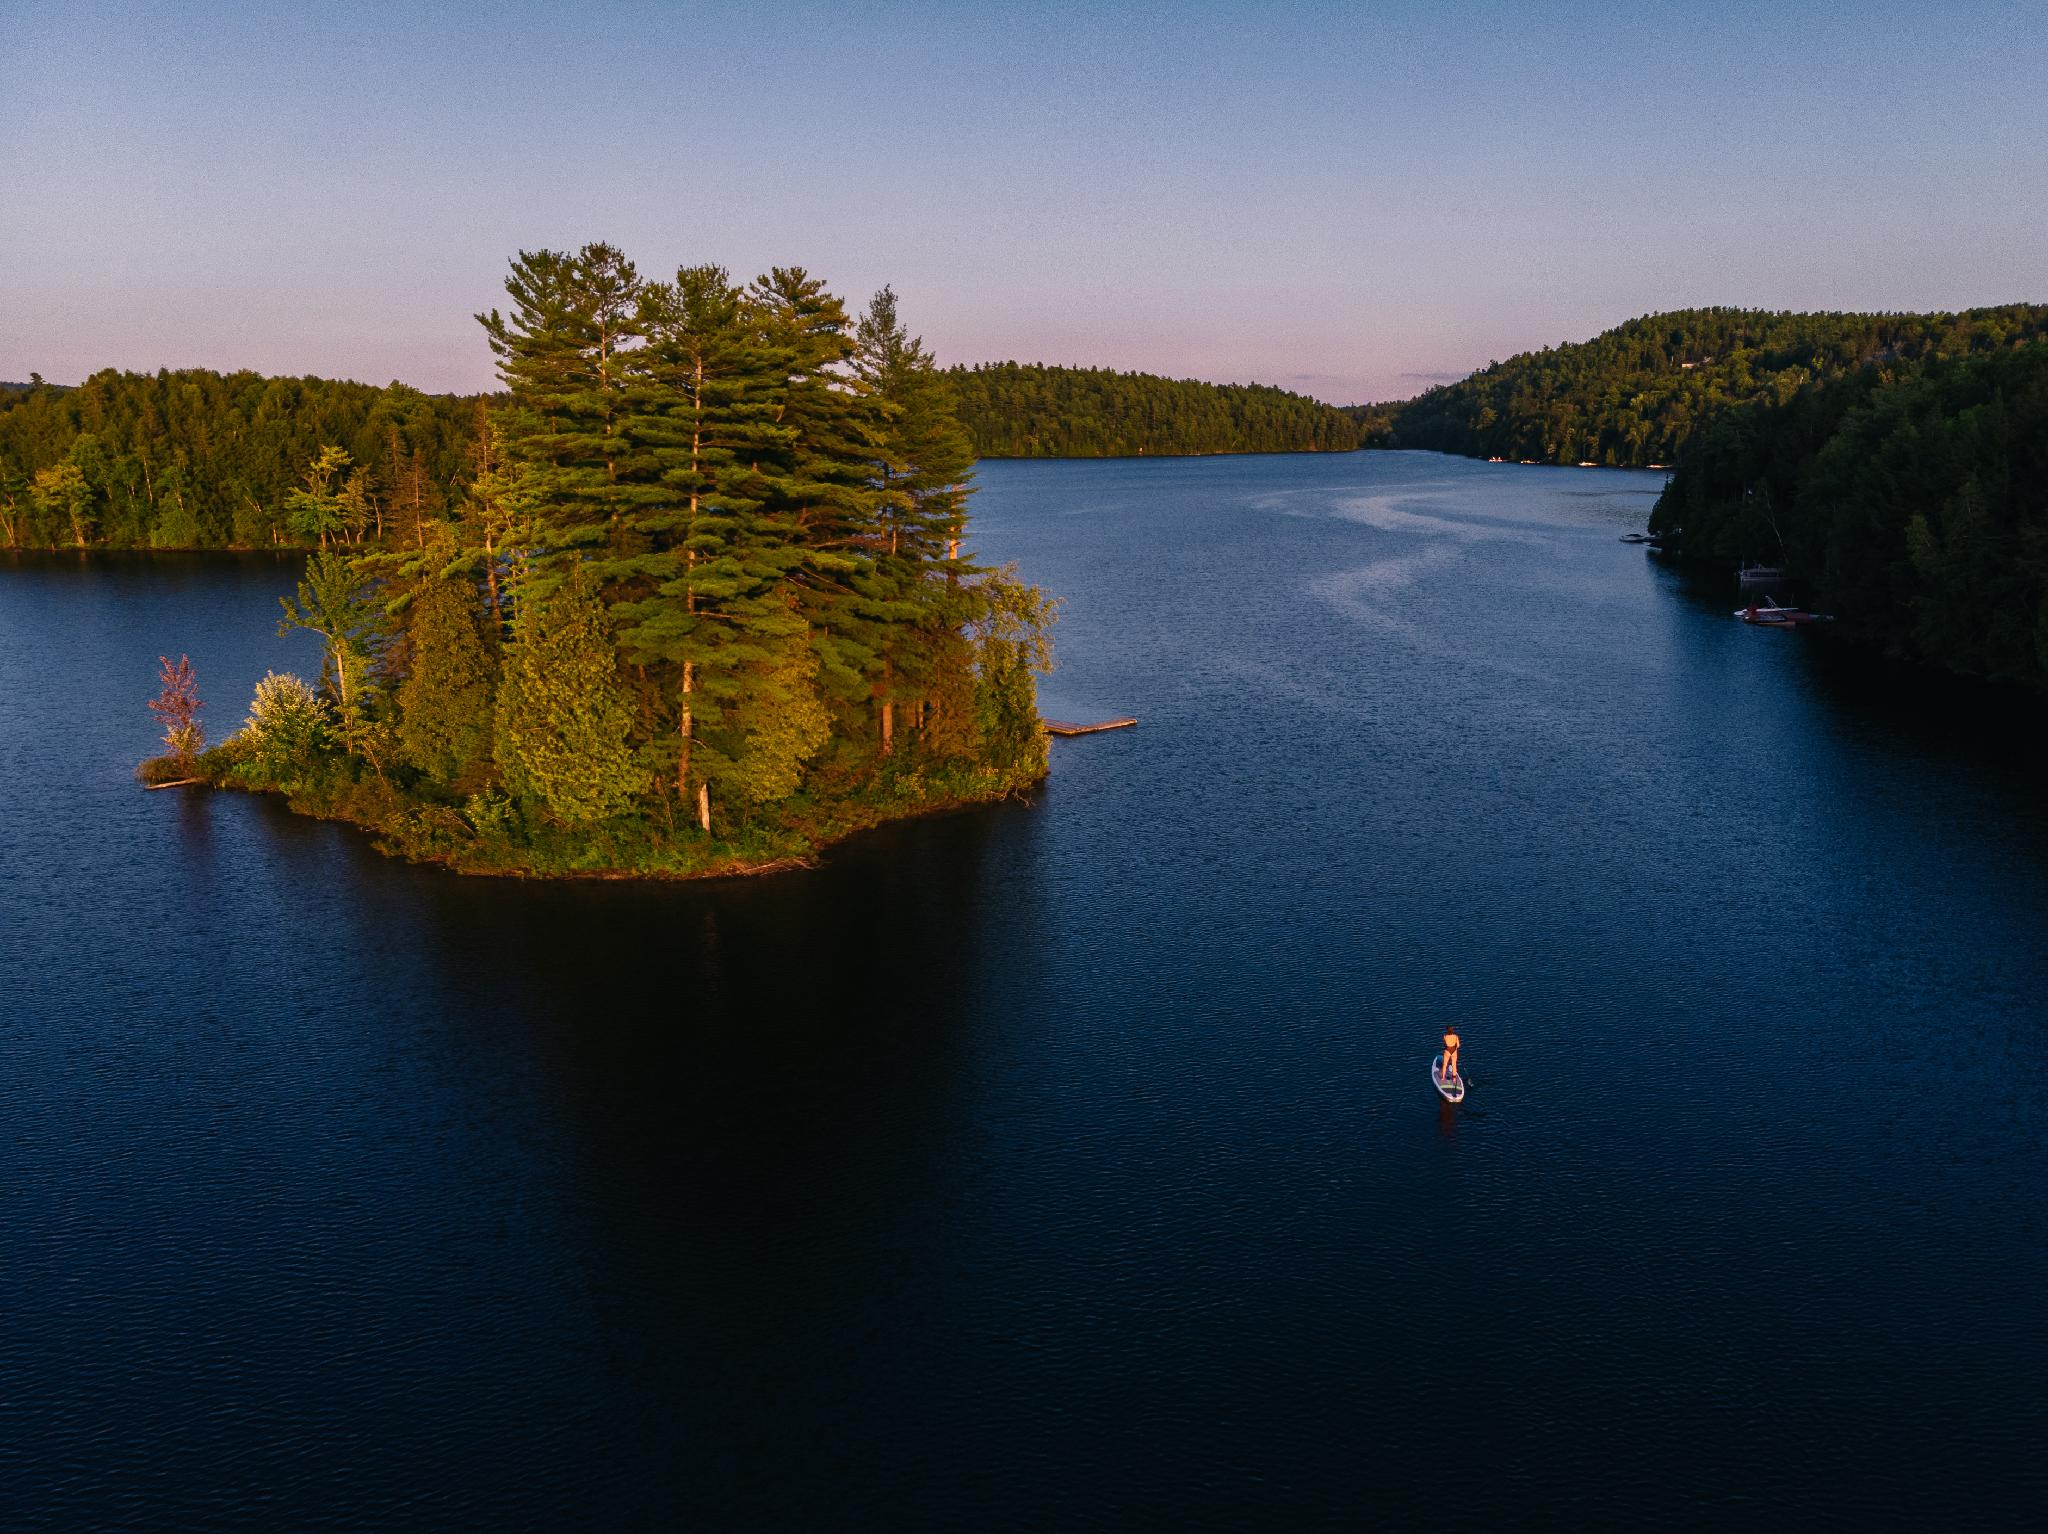 Planche à pagaie sur le lac McGregor. Six planches à pagaie fournies gratuitement pour nos clients. Équipement partagé